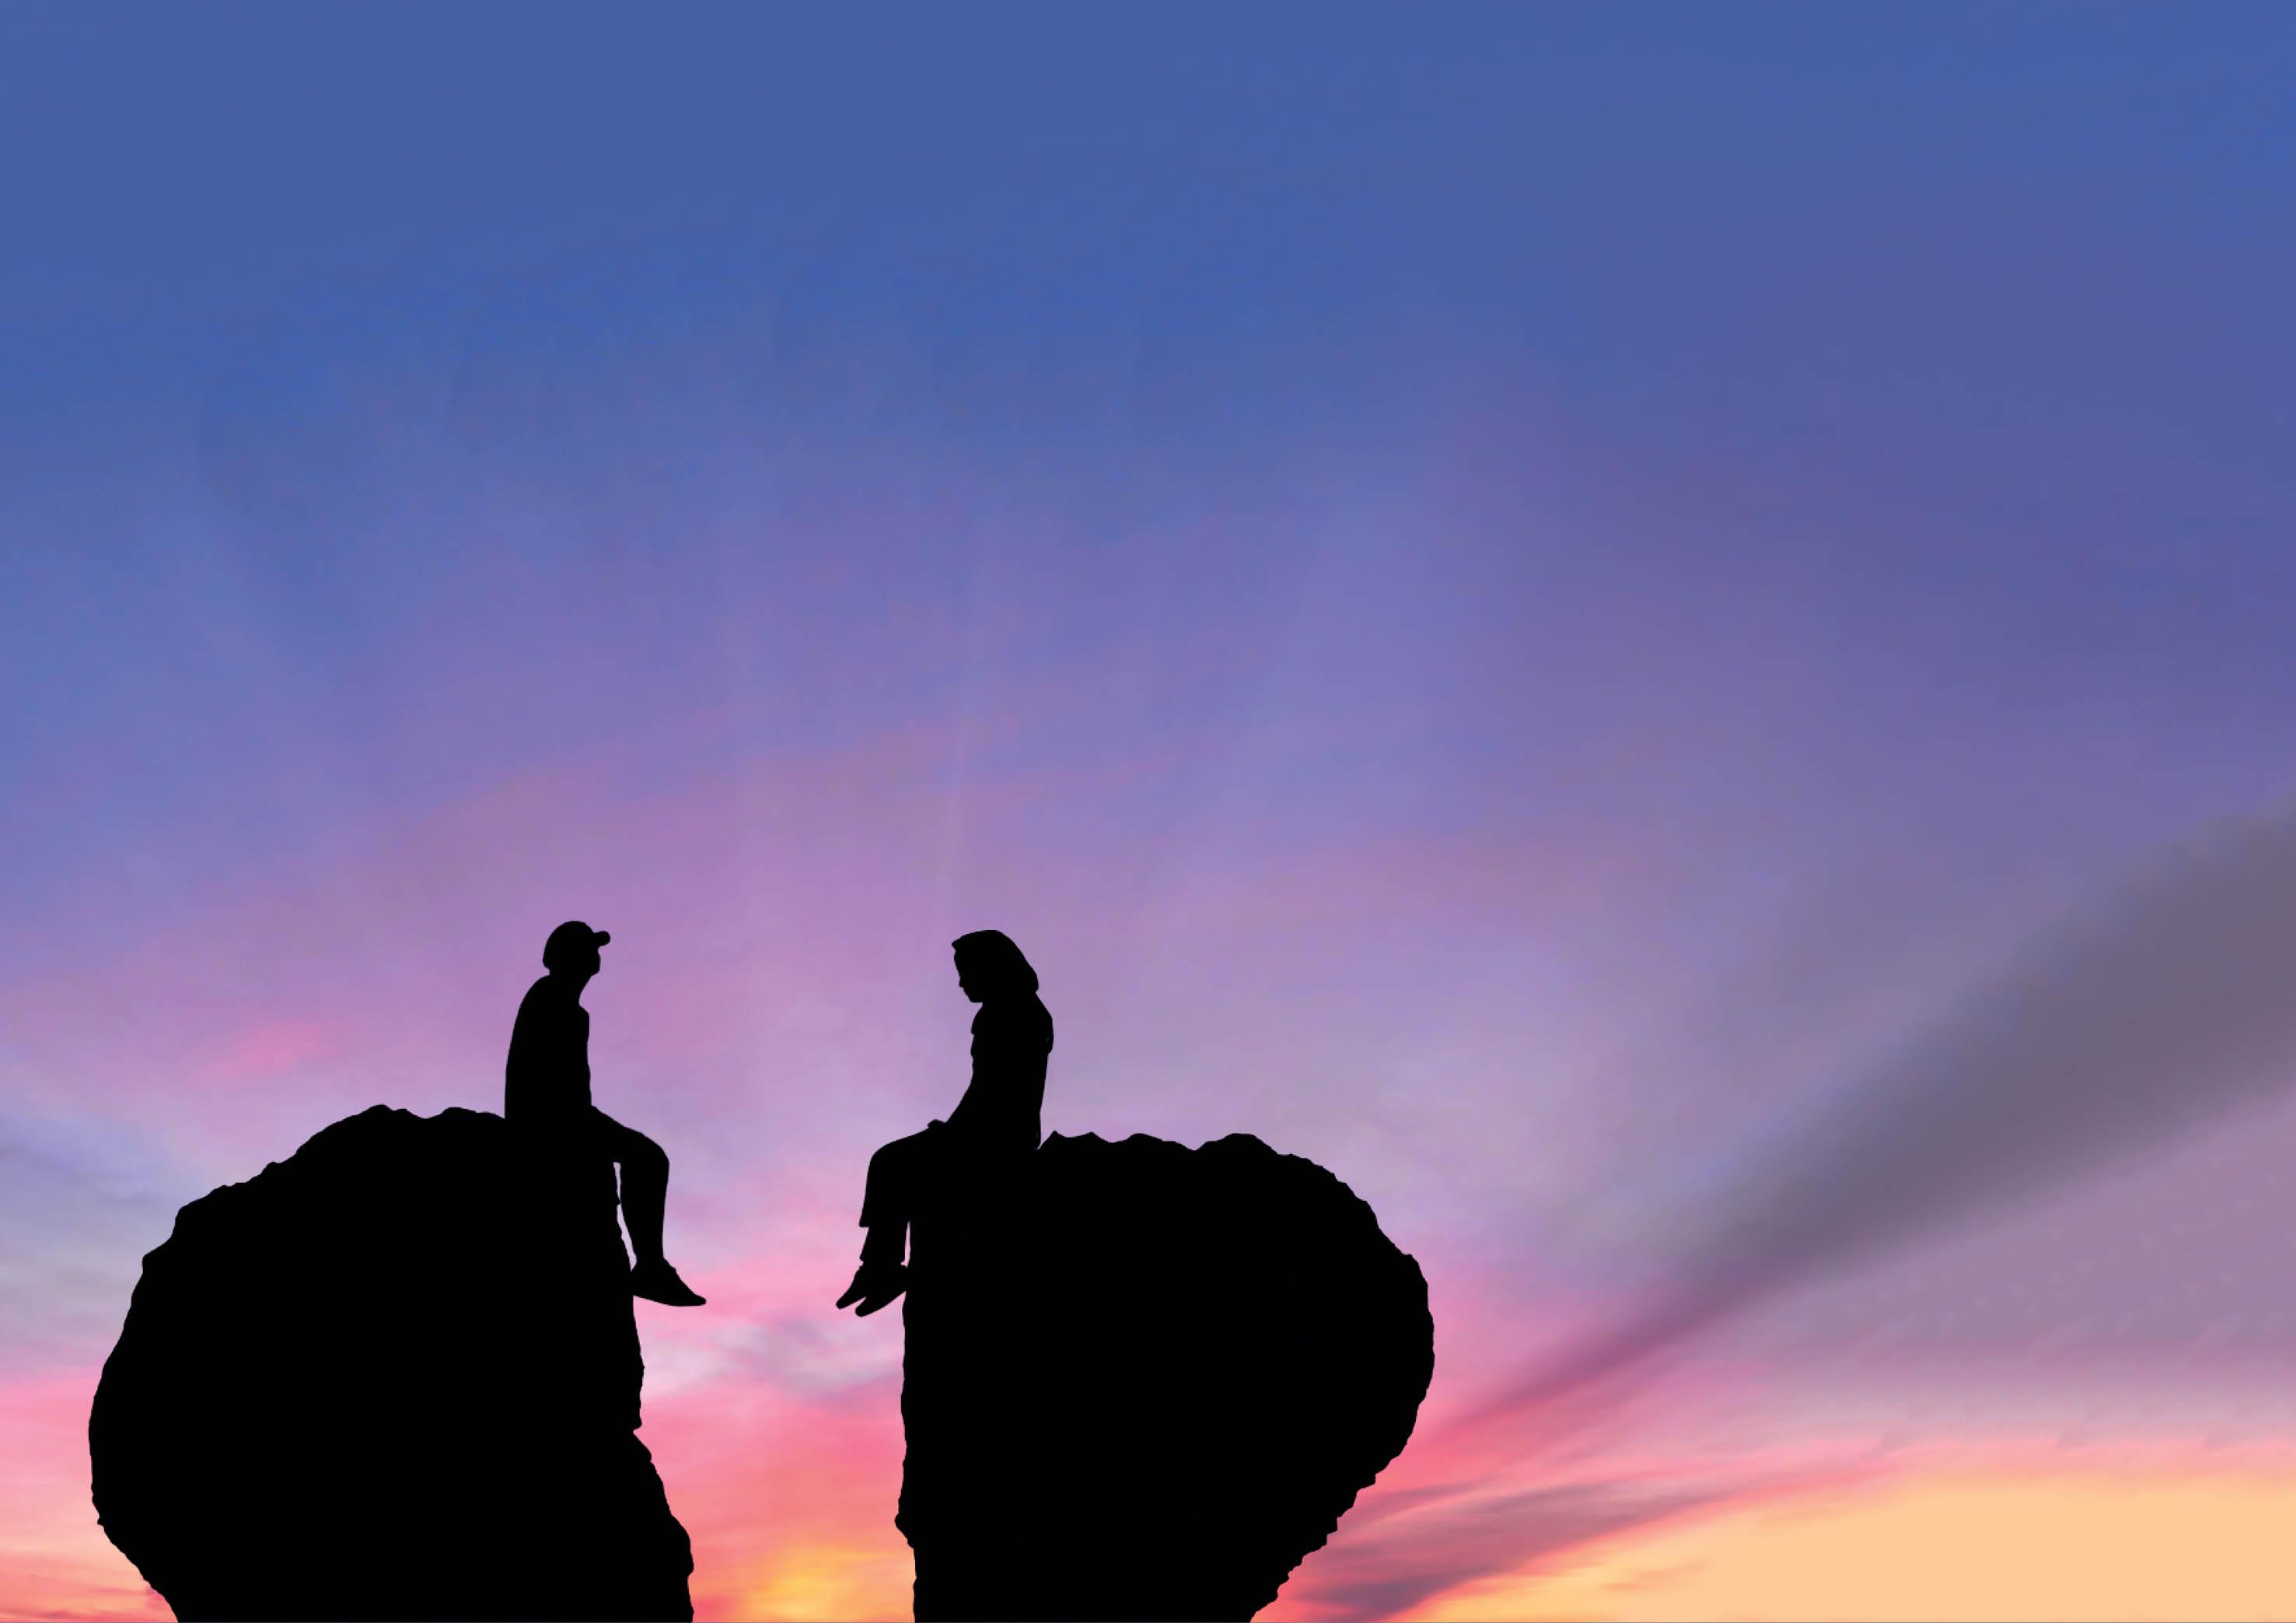 راهکارهایی  بـرای حل اختلافات در زنـدگی مشترک